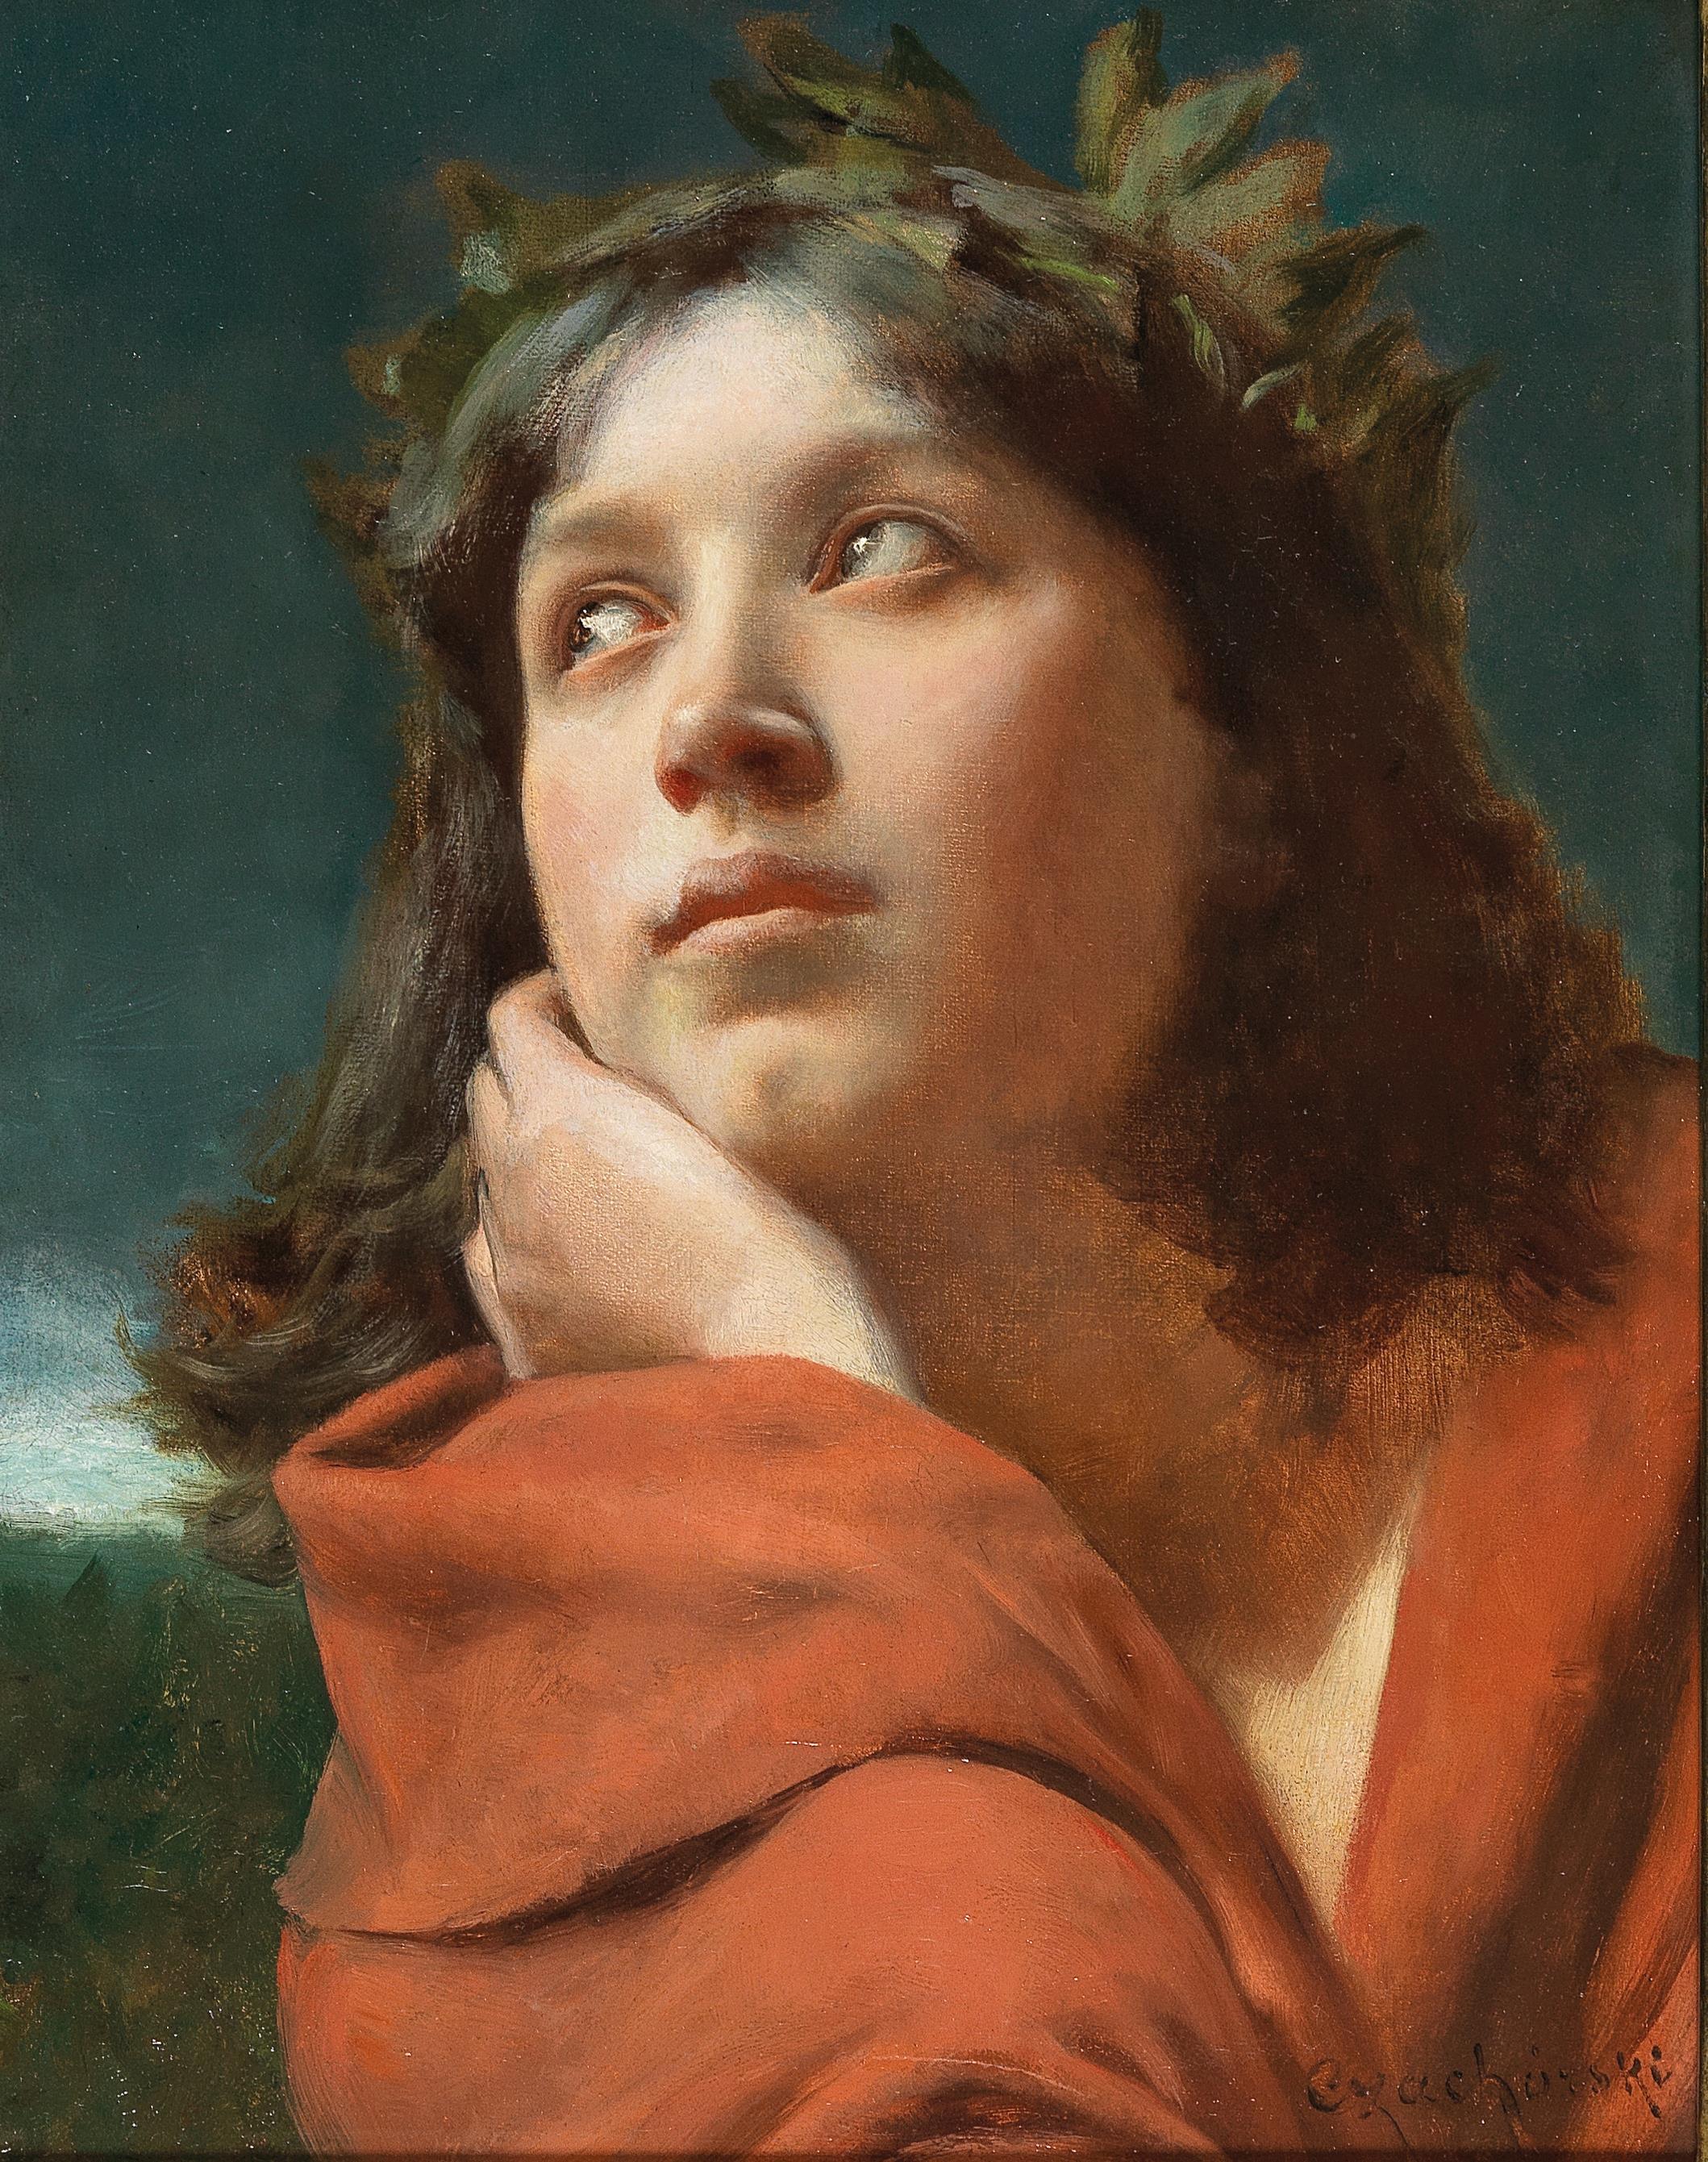 """Władysław Czachórski (1850-1911) """"Dziewczyna w wieńcu"""", źródło: Dorotheum"""